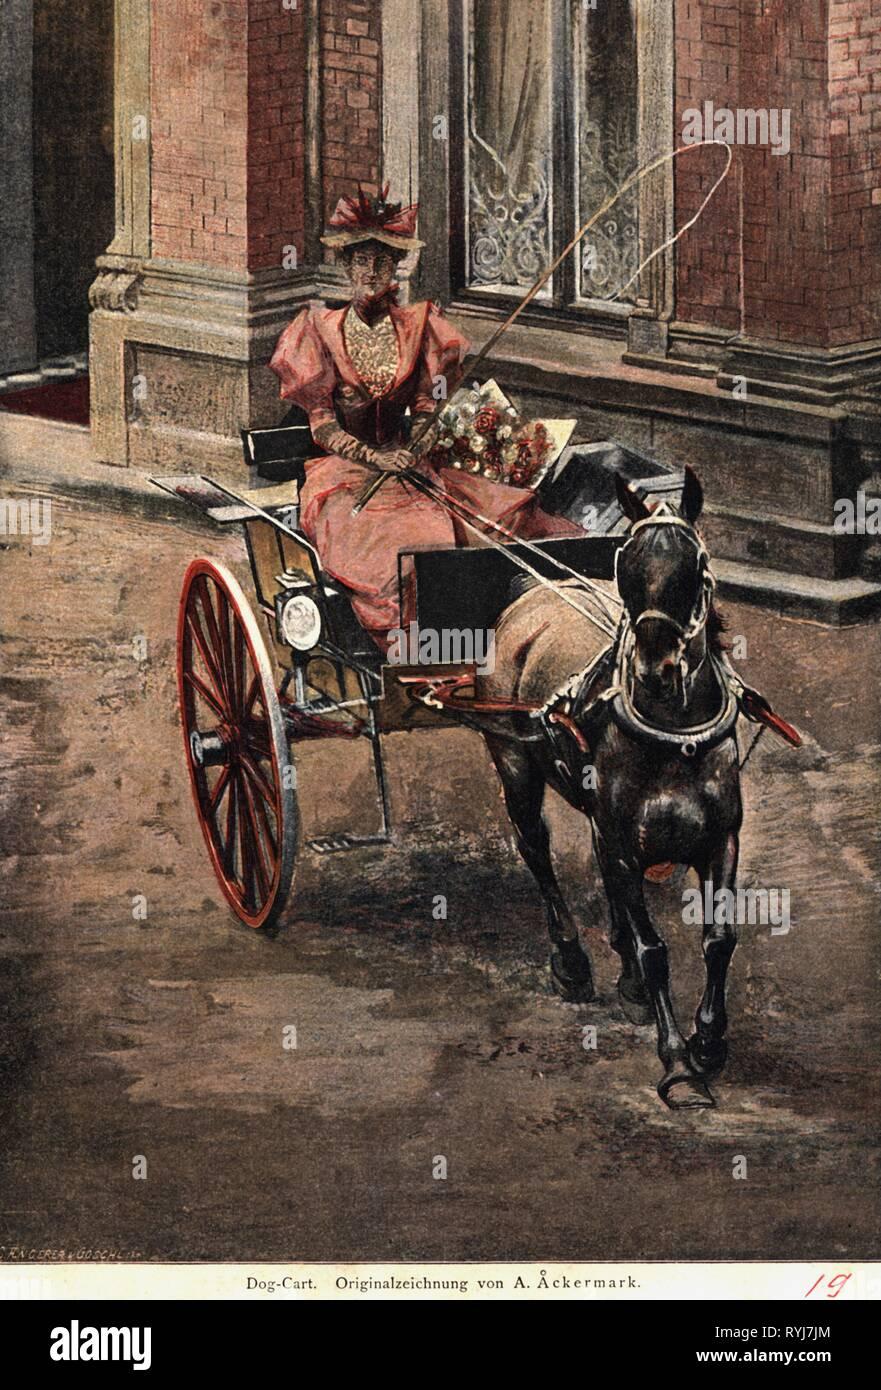 Transporte / Transporte, autocar, señora dogcart, impresión tras A. Aeckermann, circa 1895-Clearance-Info Additional-Rights-Not-Available Imagen De Stock